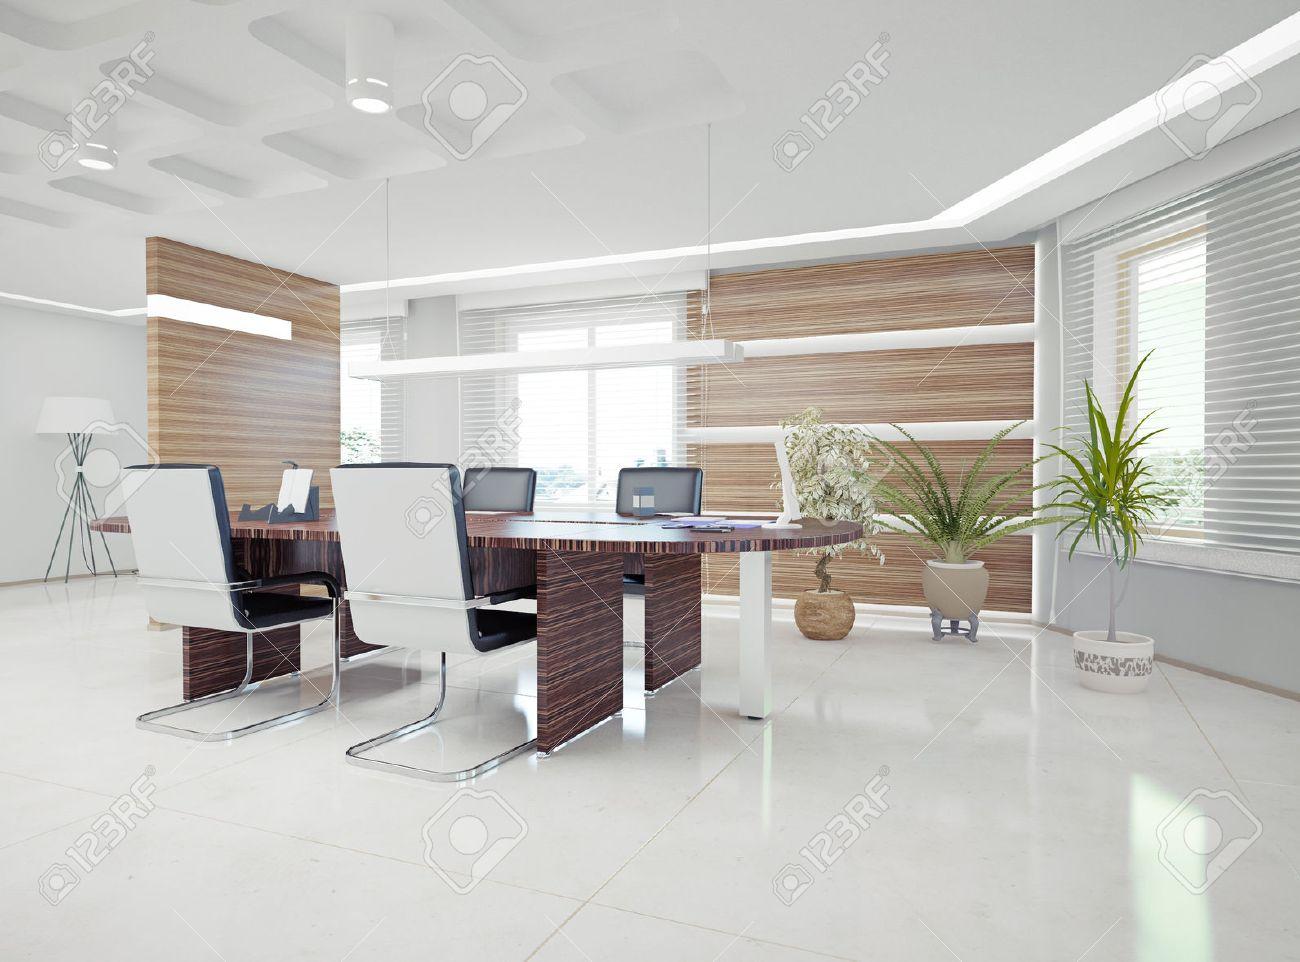 bureau moderne concept de design d'intérieur banque d'images et